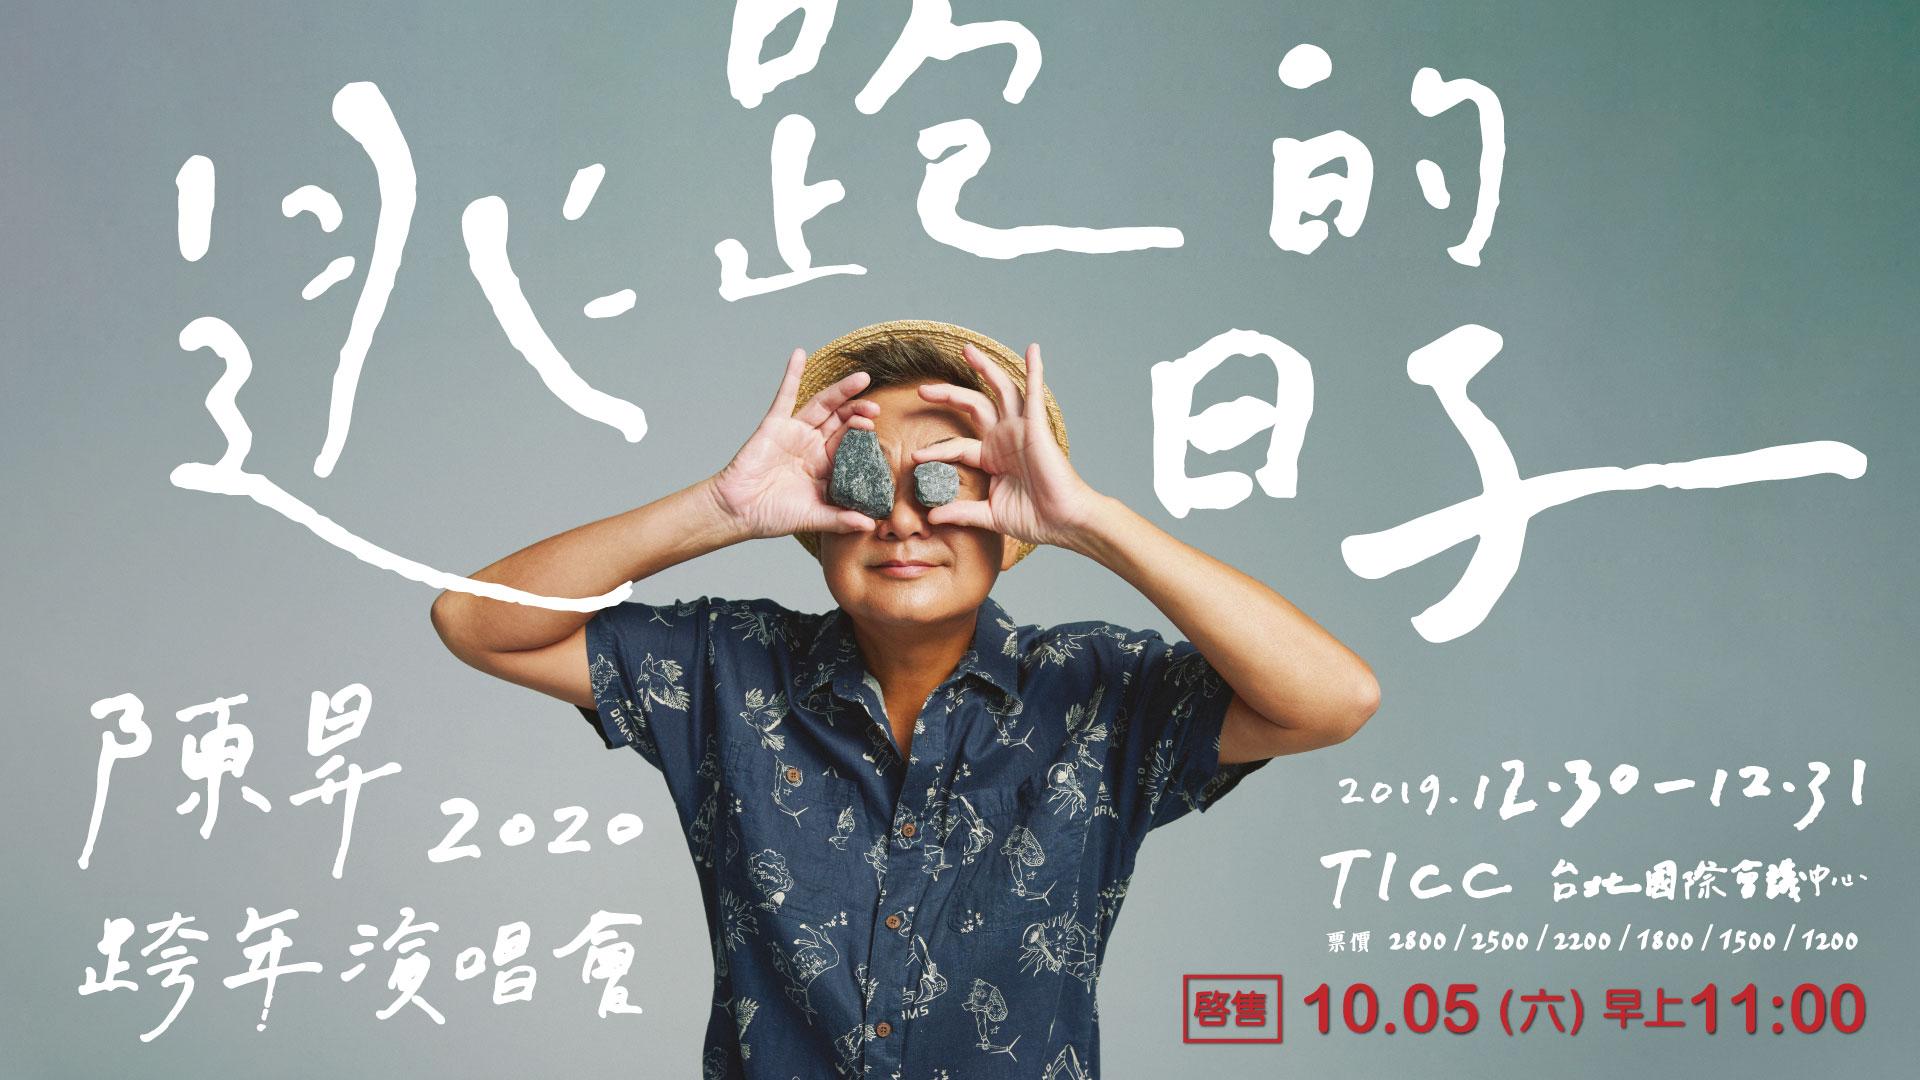 陳昇 2020跨年演唱會〈逃跑的日子〉